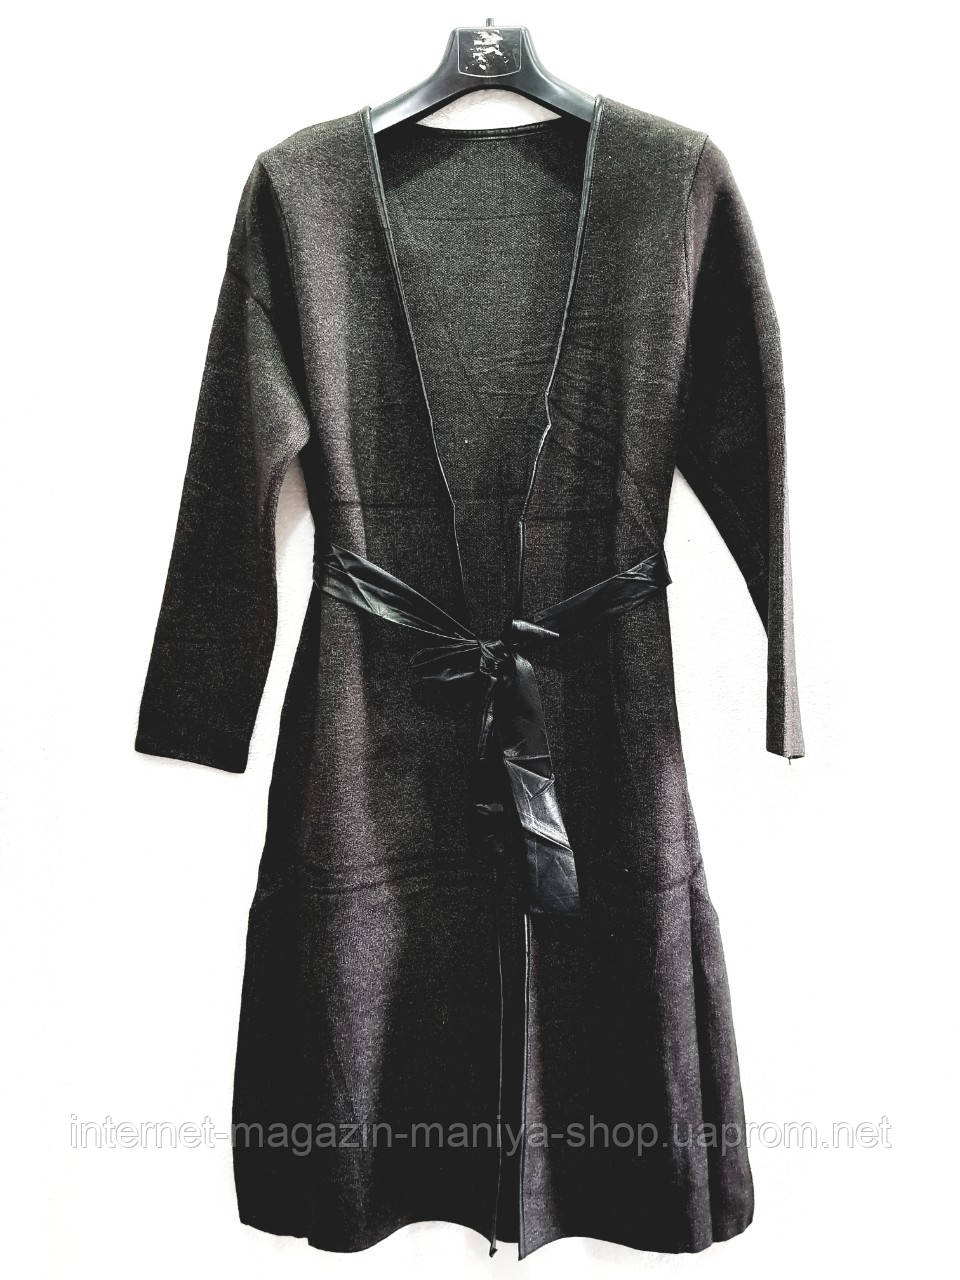 Кардиган женский удлиненный с поясом универсал 42-46 (деми)